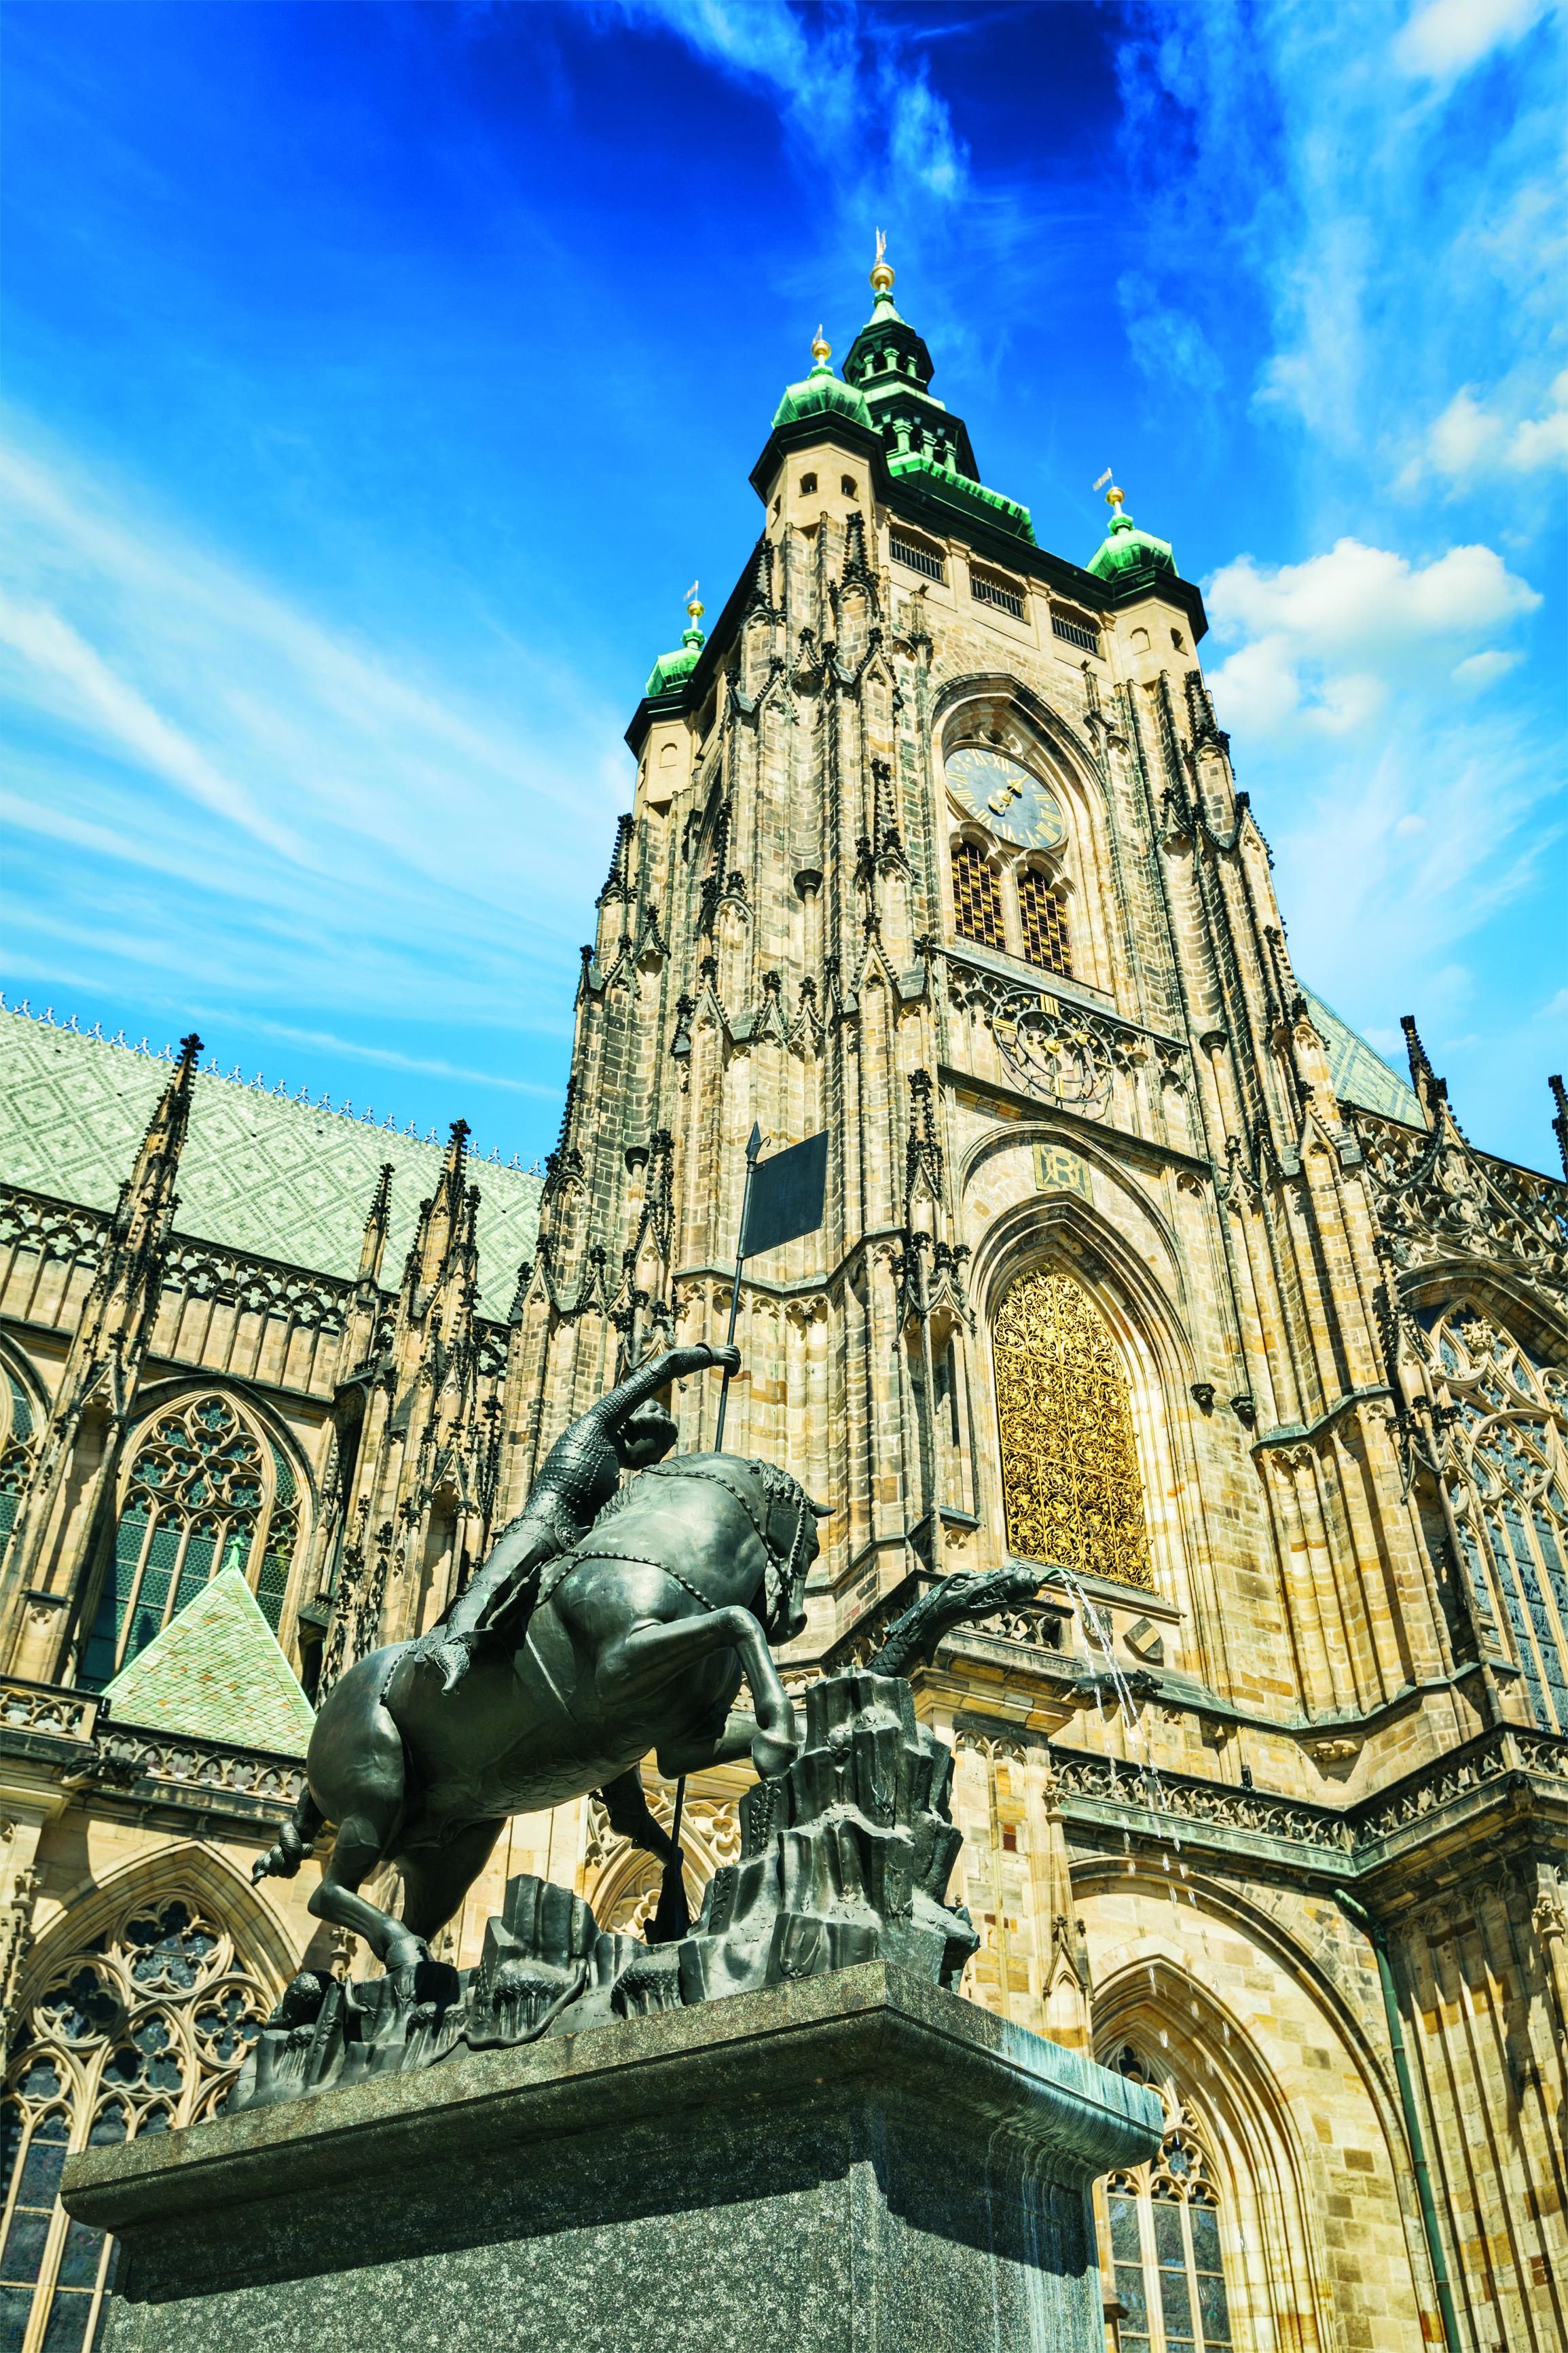 Ofertas de Viaje a Hungria desde Ciudad de México con Boletos de Avión